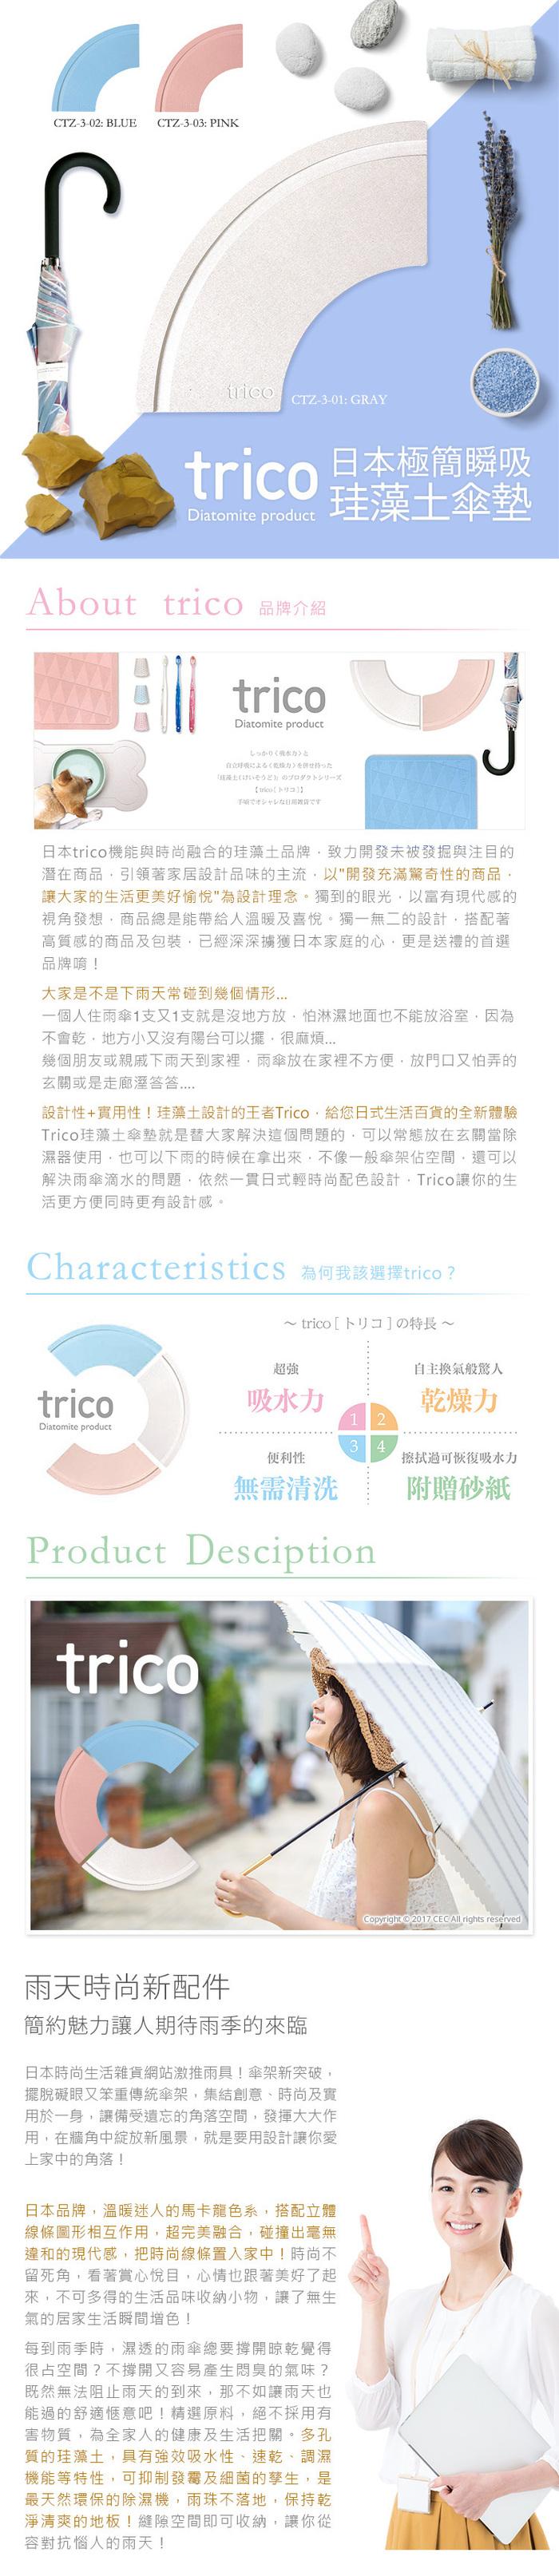 (複製)trico|瞬吸珪藻土寵物墊